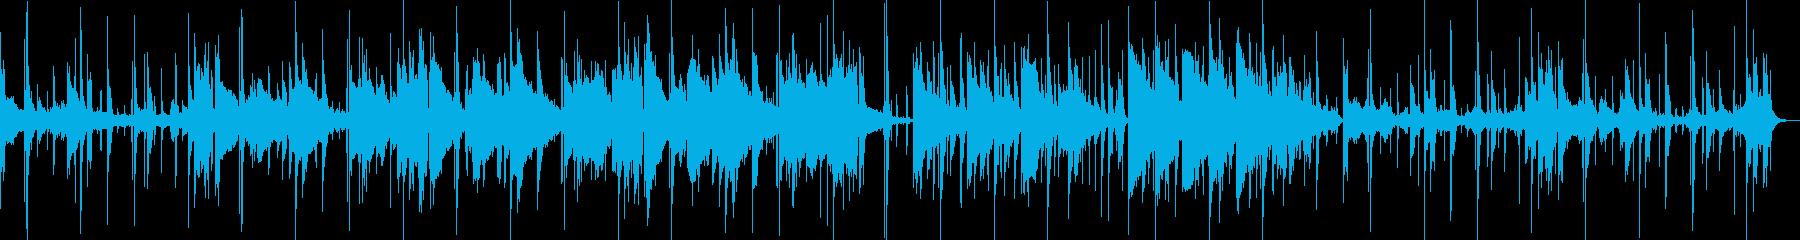 動画 バック BGM おしゃれの再生済みの波形